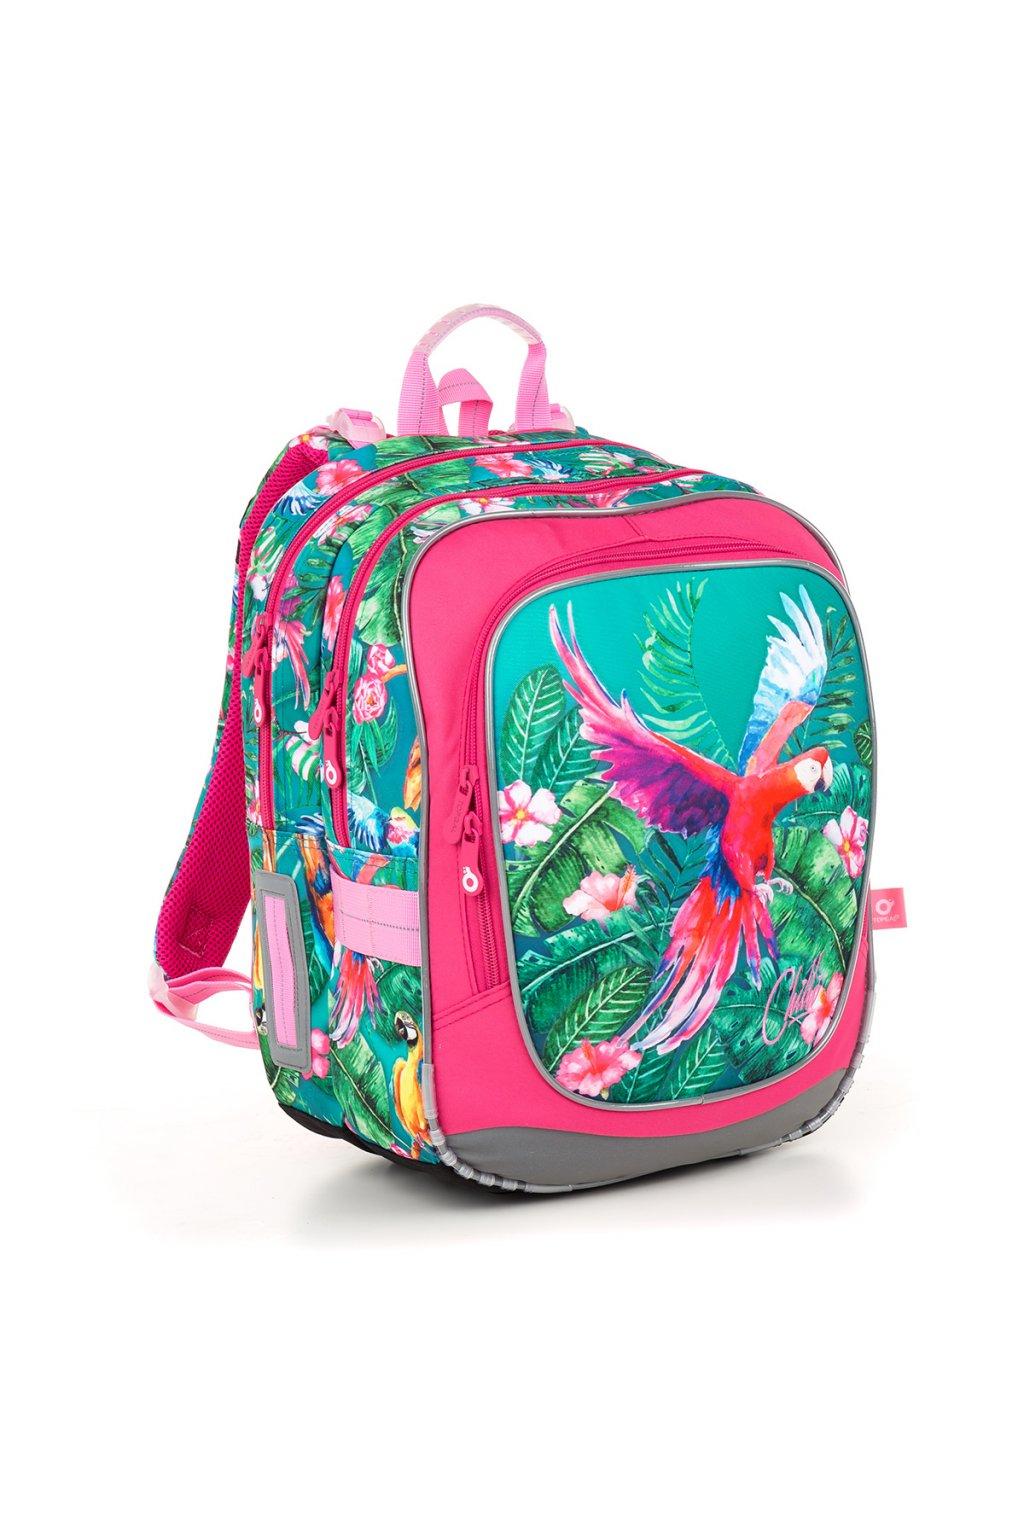 dívčí školní batoh topgal endy 18001 g